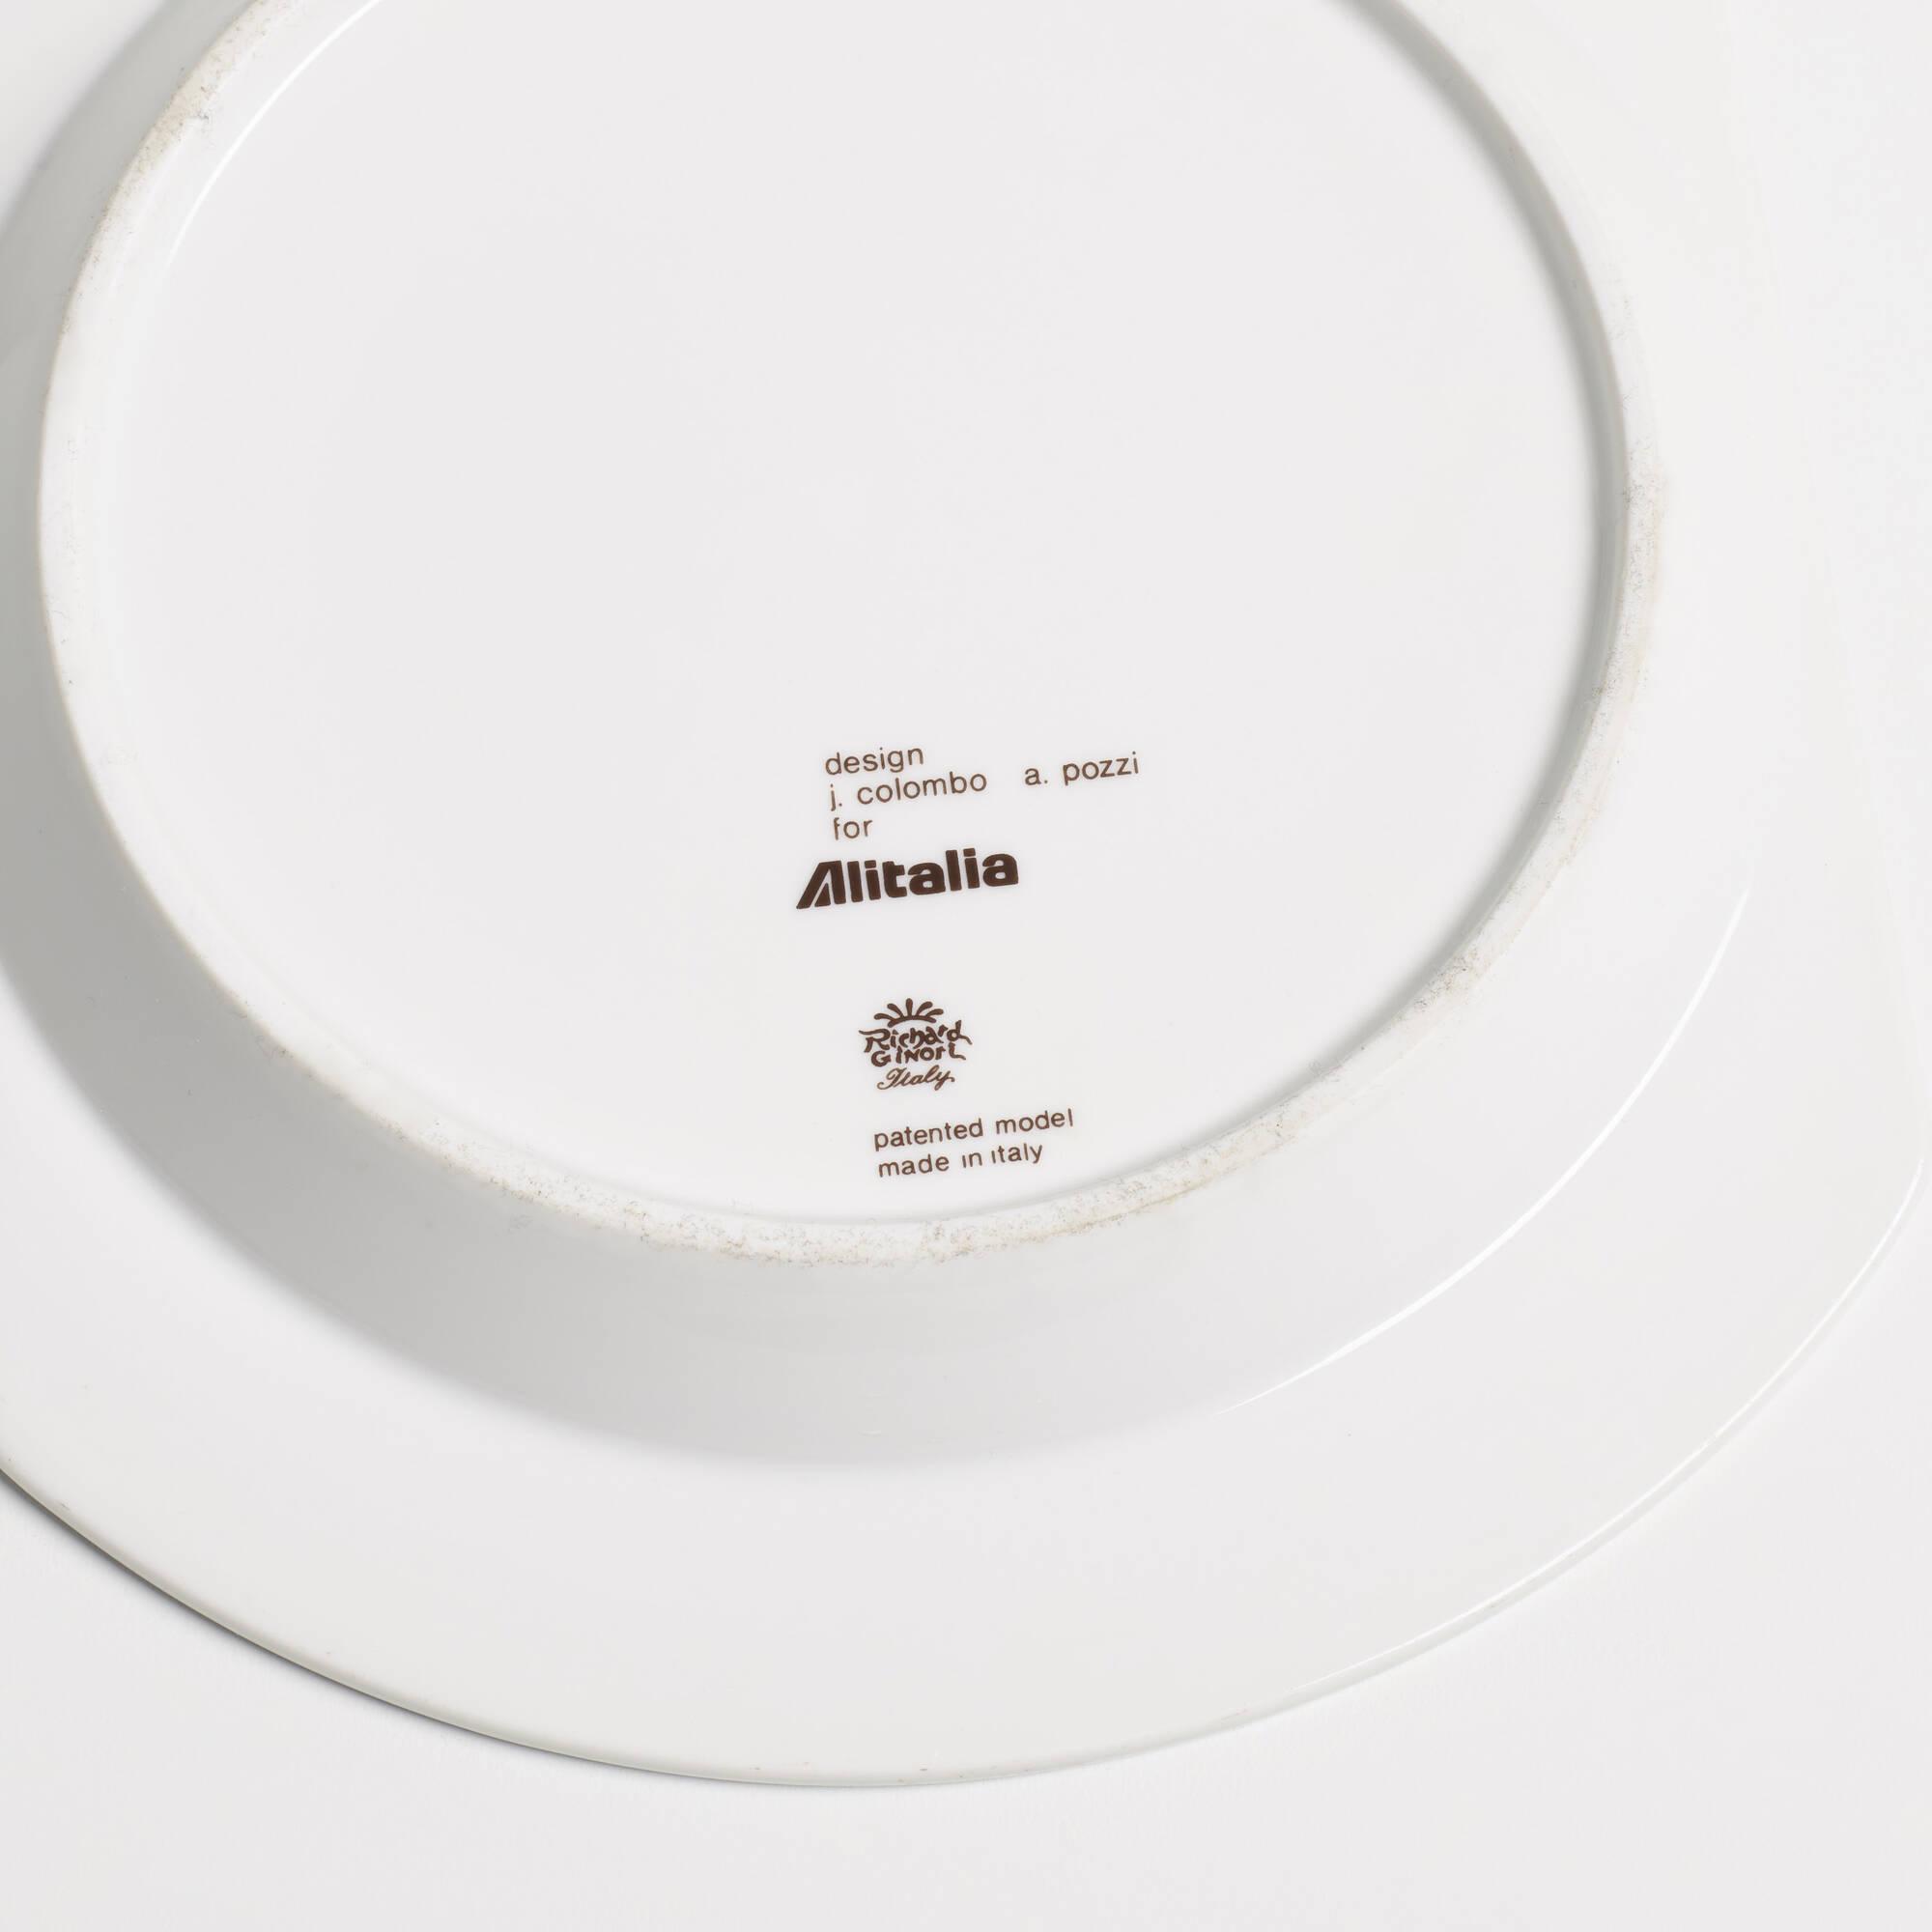 ... 298 Joe Colombo / Linea 72 tableware for Alitalia (3 of 3)  sc 1 st  Wright Auctions & 298: JOE COLOMBO Linea 72 tableware for Alitalia \u003c Furniture Pimp ...